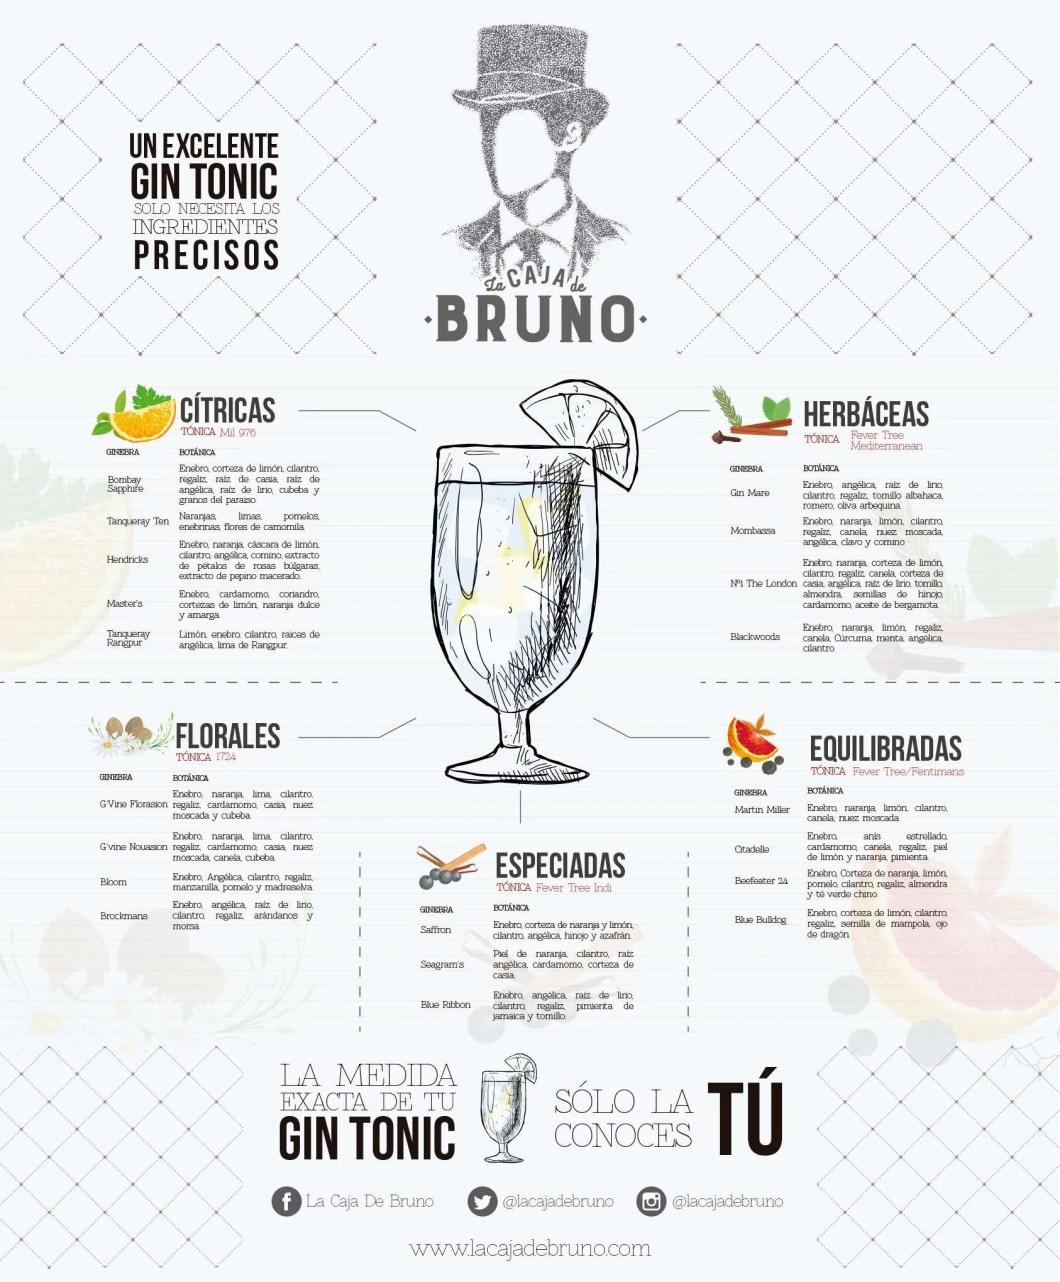 La Caja de Bruno - gin tonic